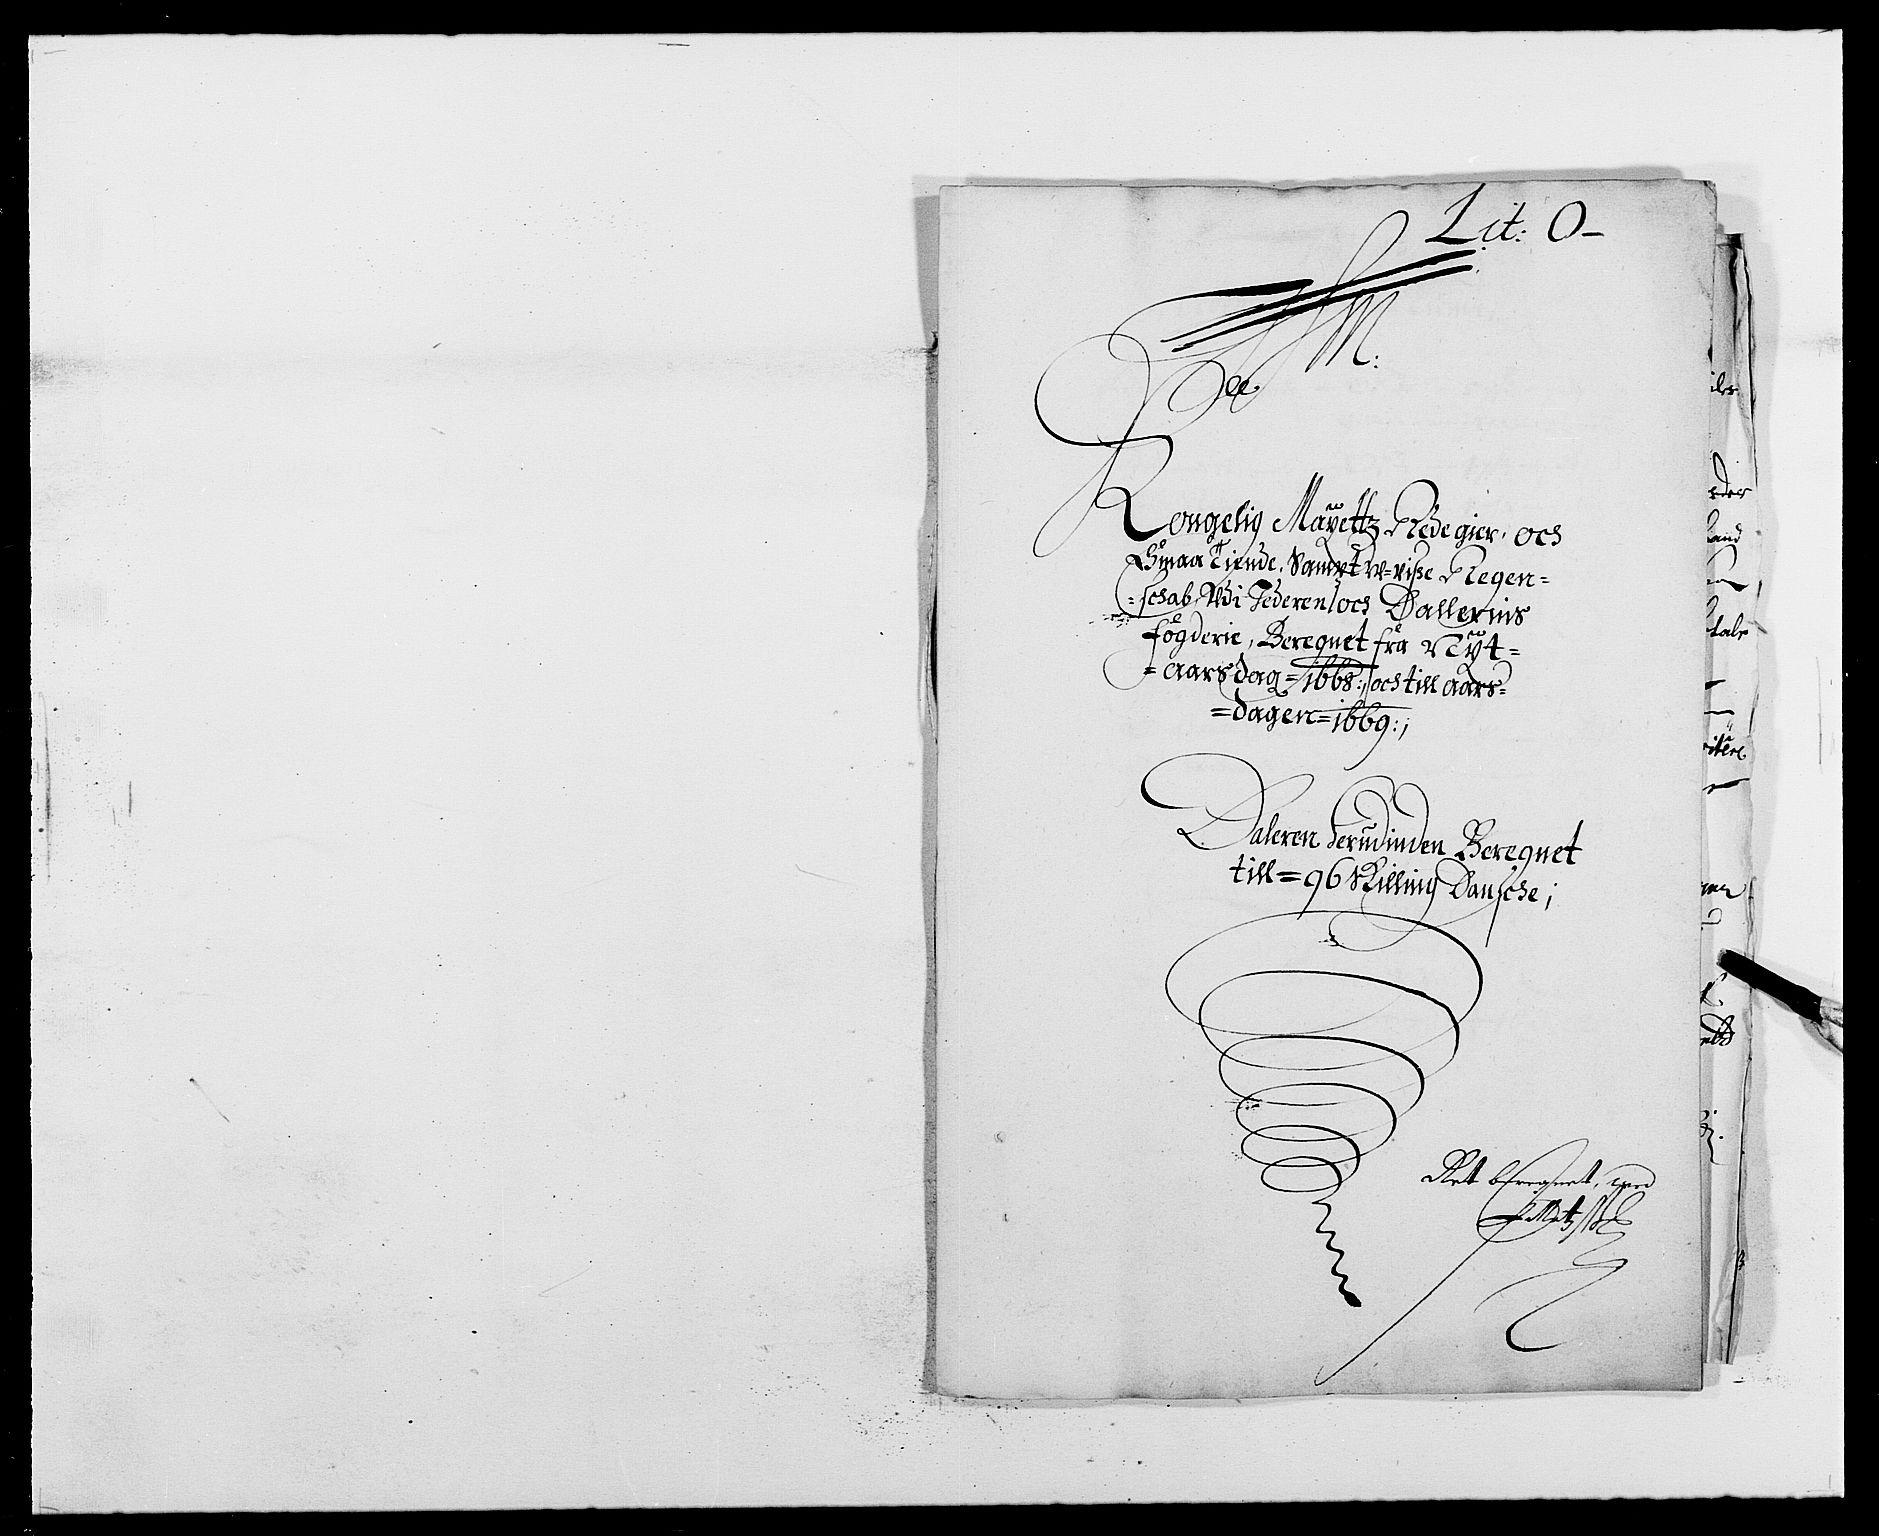 RA, Rentekammeret inntil 1814, Reviderte regnskaper, Fogderegnskap, R46/L2711: Fogderegnskap Jæren og Dalane, 1668-1670, s. 342